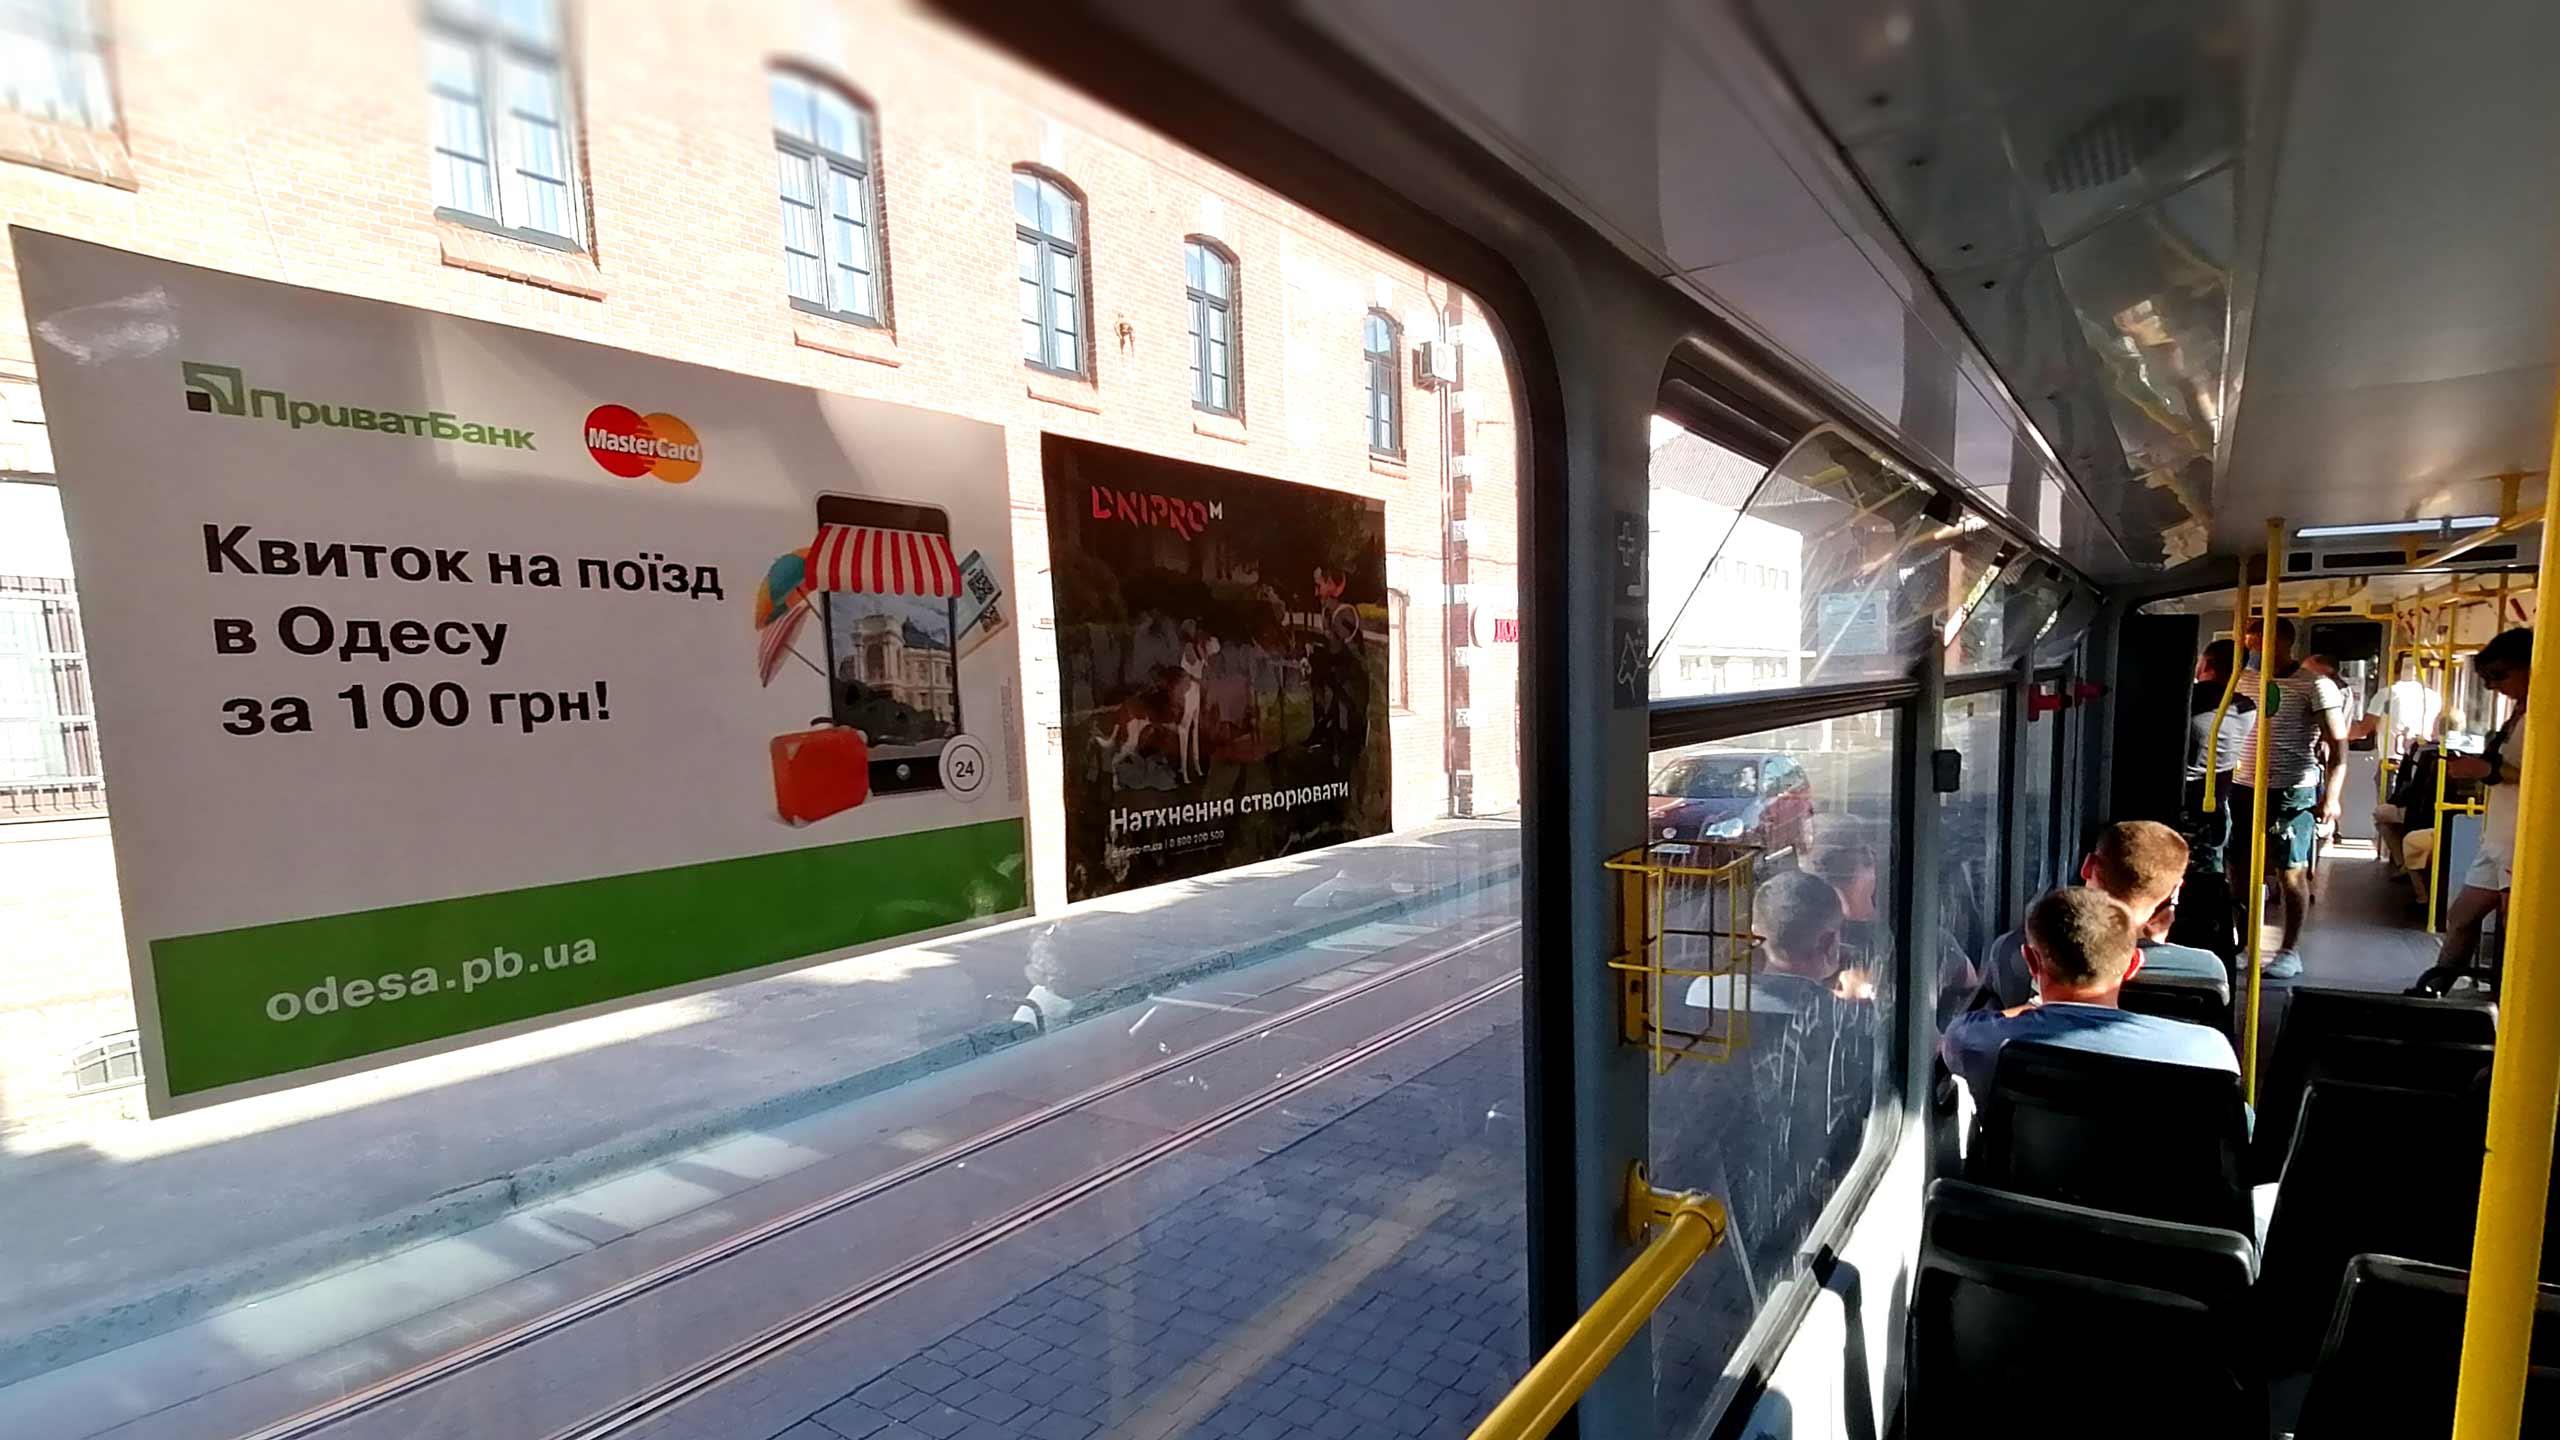 Реклама в транспорте Черкассы